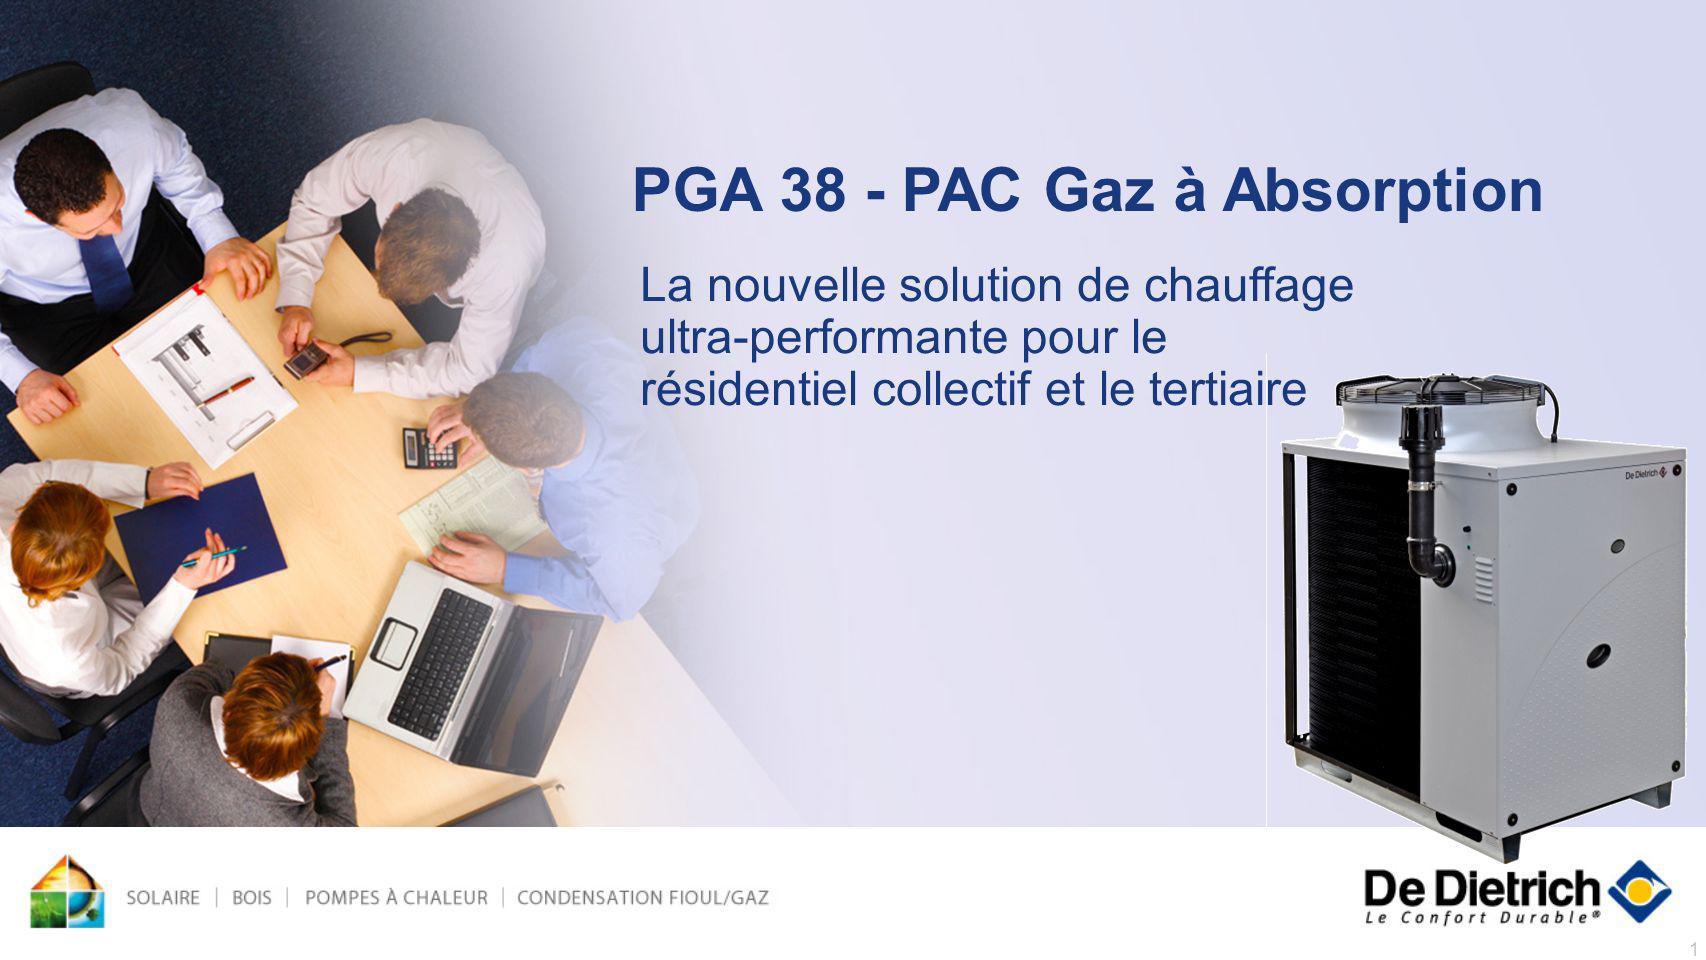 1 PGA 38 - PAC Gaz à Absorption La nouvelle solution de chauffage ultra-performante pour le résidentiel collectif et le tertiaire